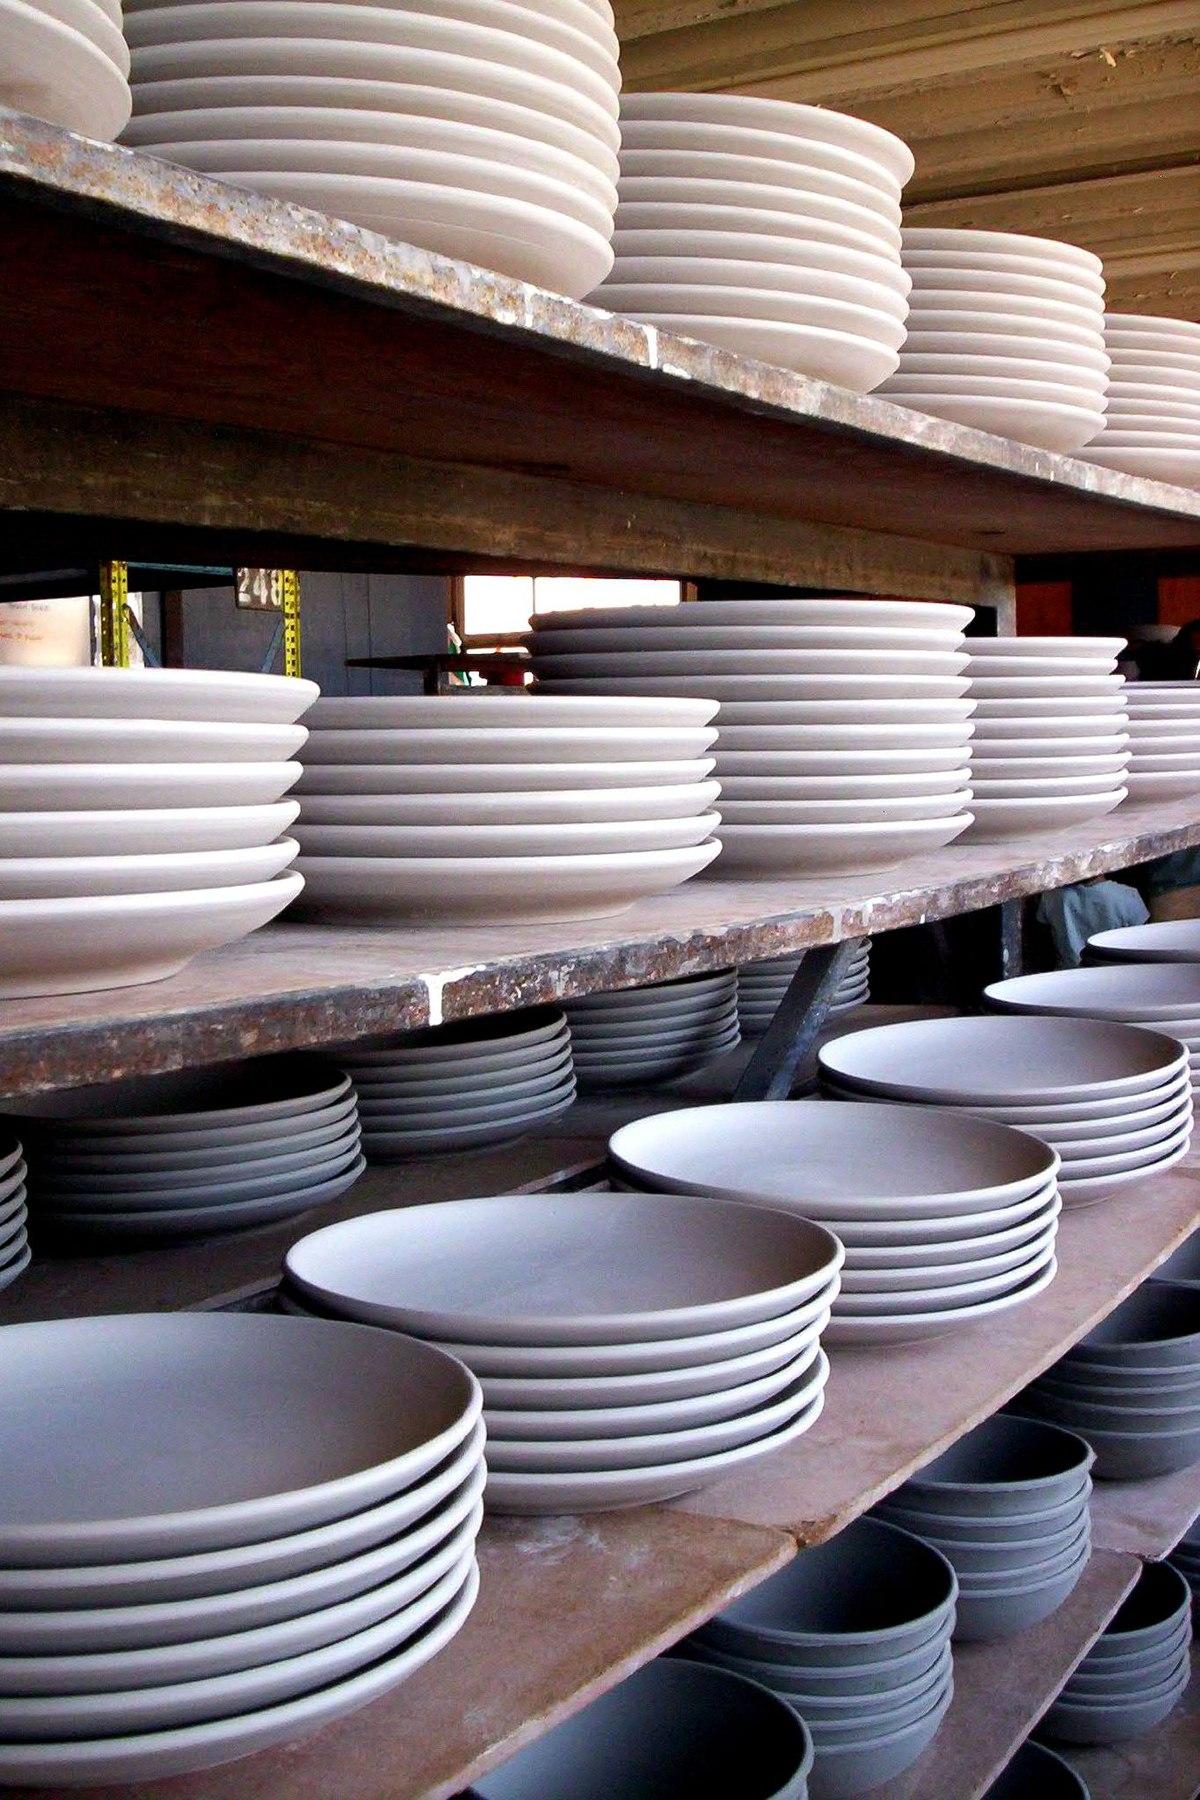 Assiette vaisselle wikip dia for Vaisselle de restaurant